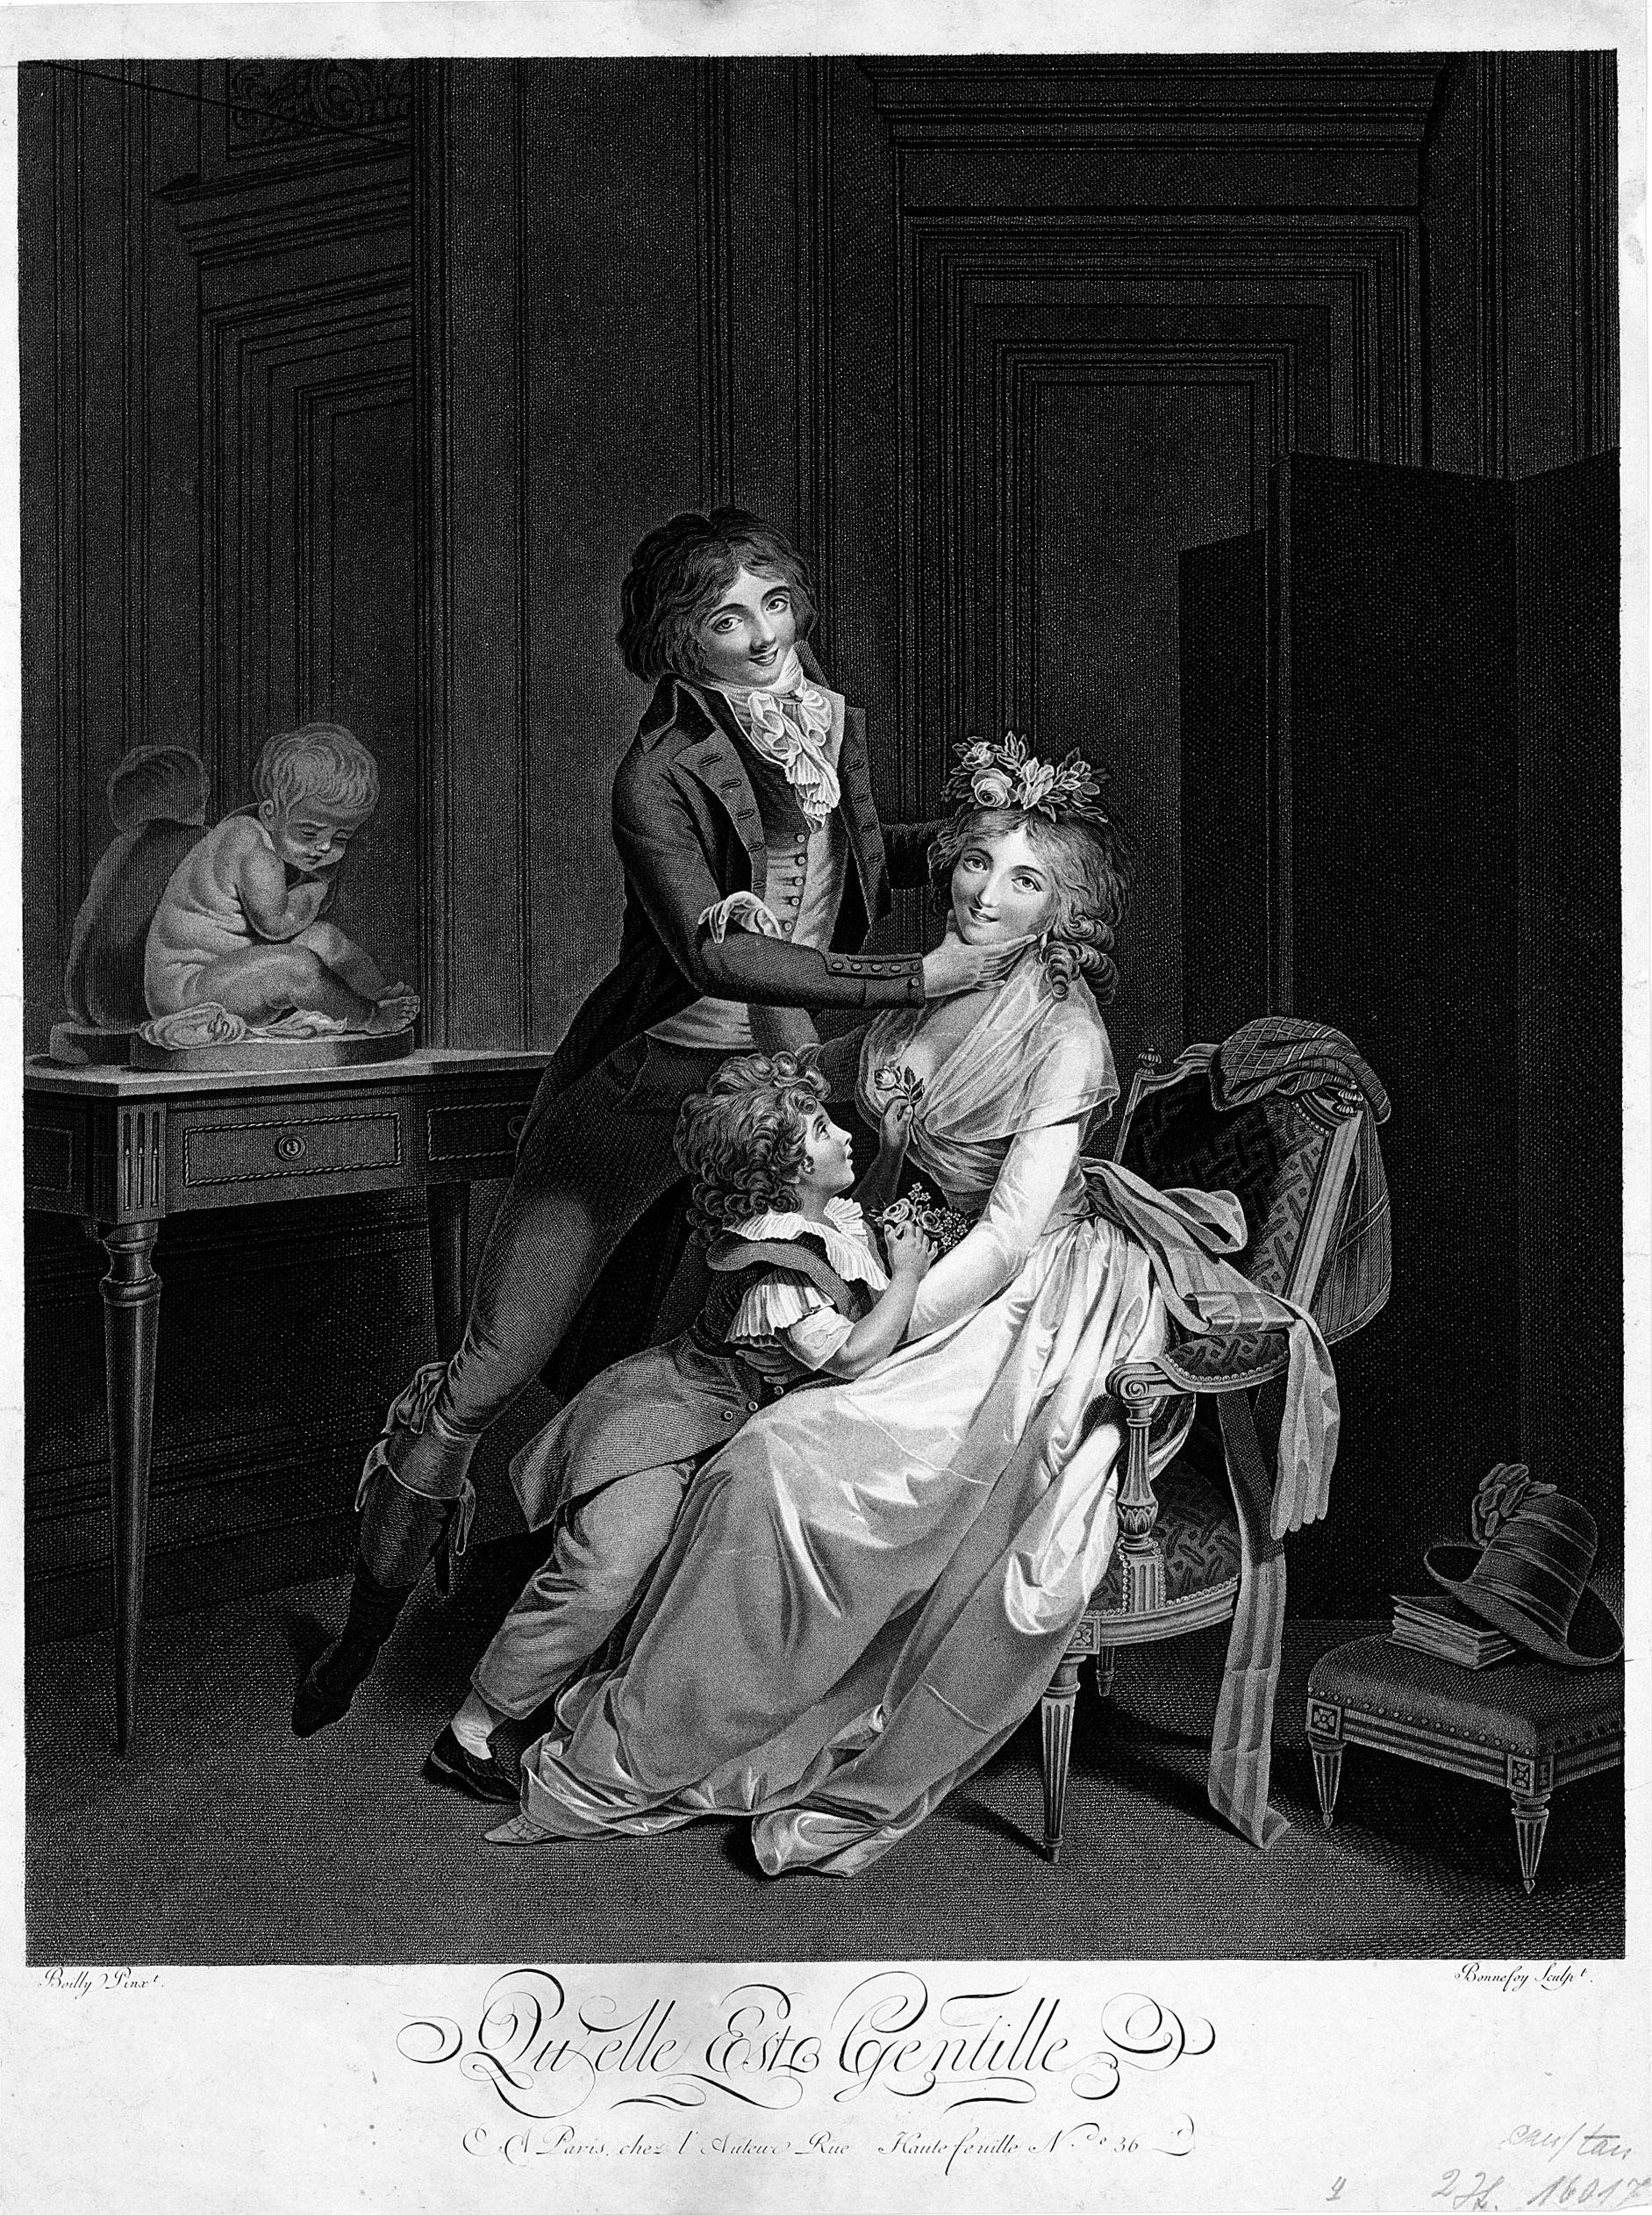 Boilly 1791 ca Ah Qu'elle est gentille gravure de Bonnefoy